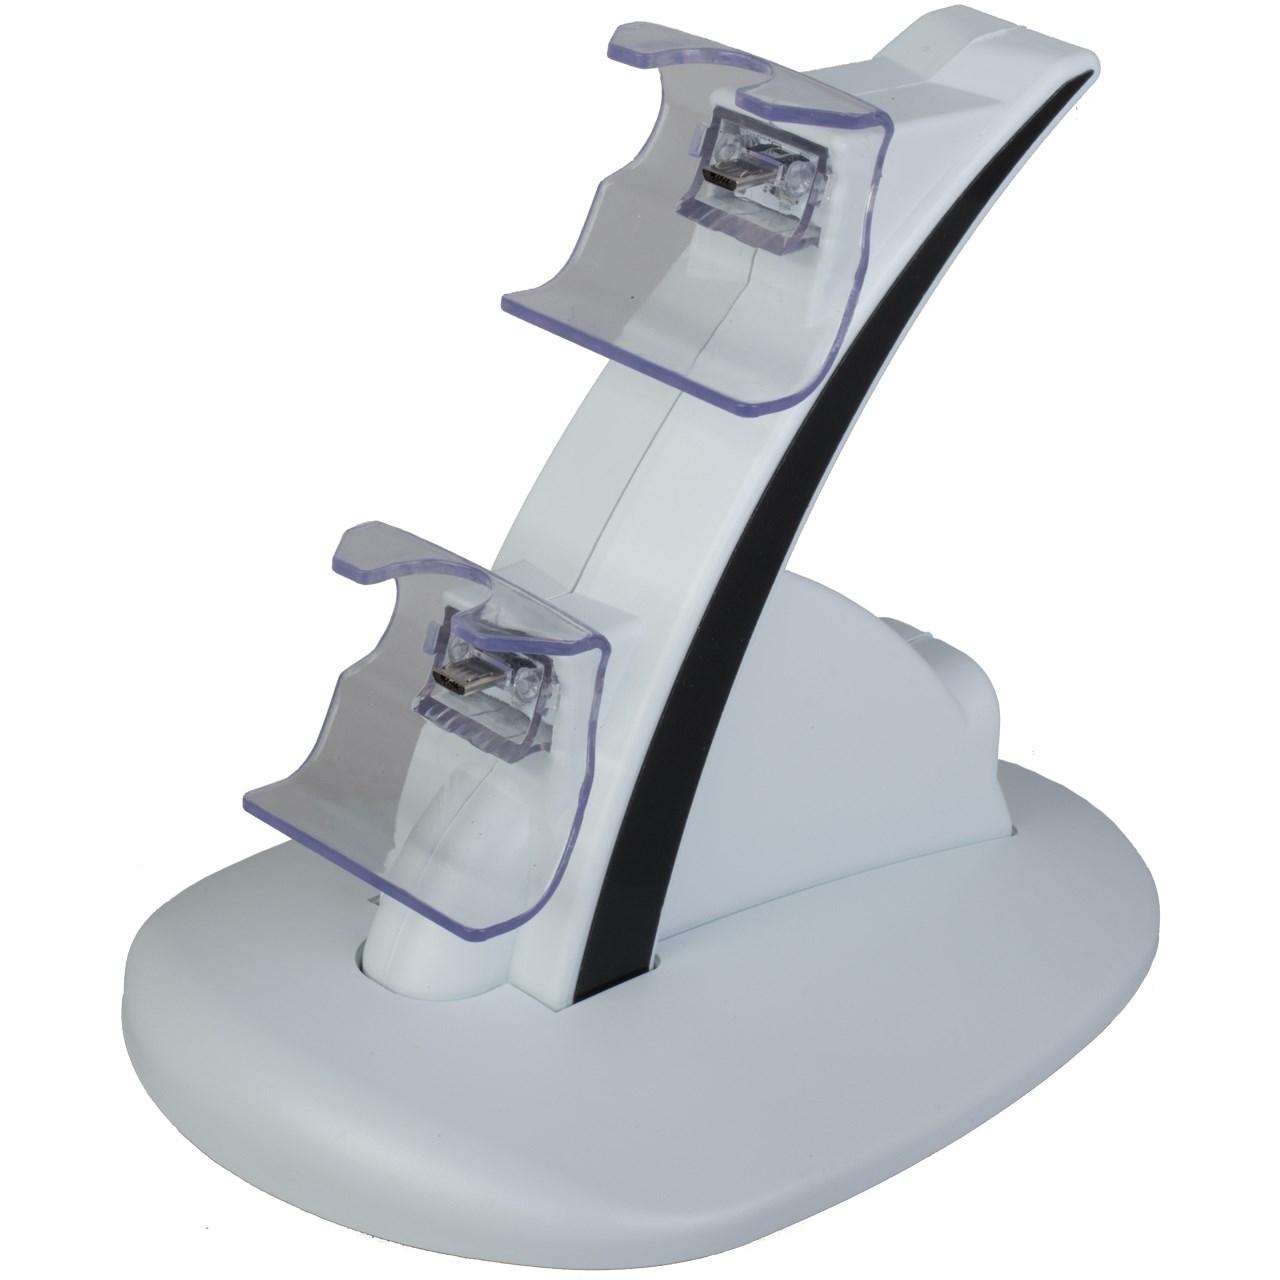 پایه شارژ دسته بازی اتوو مدل IV-X1002S مناسب برای ایکس باکس One S